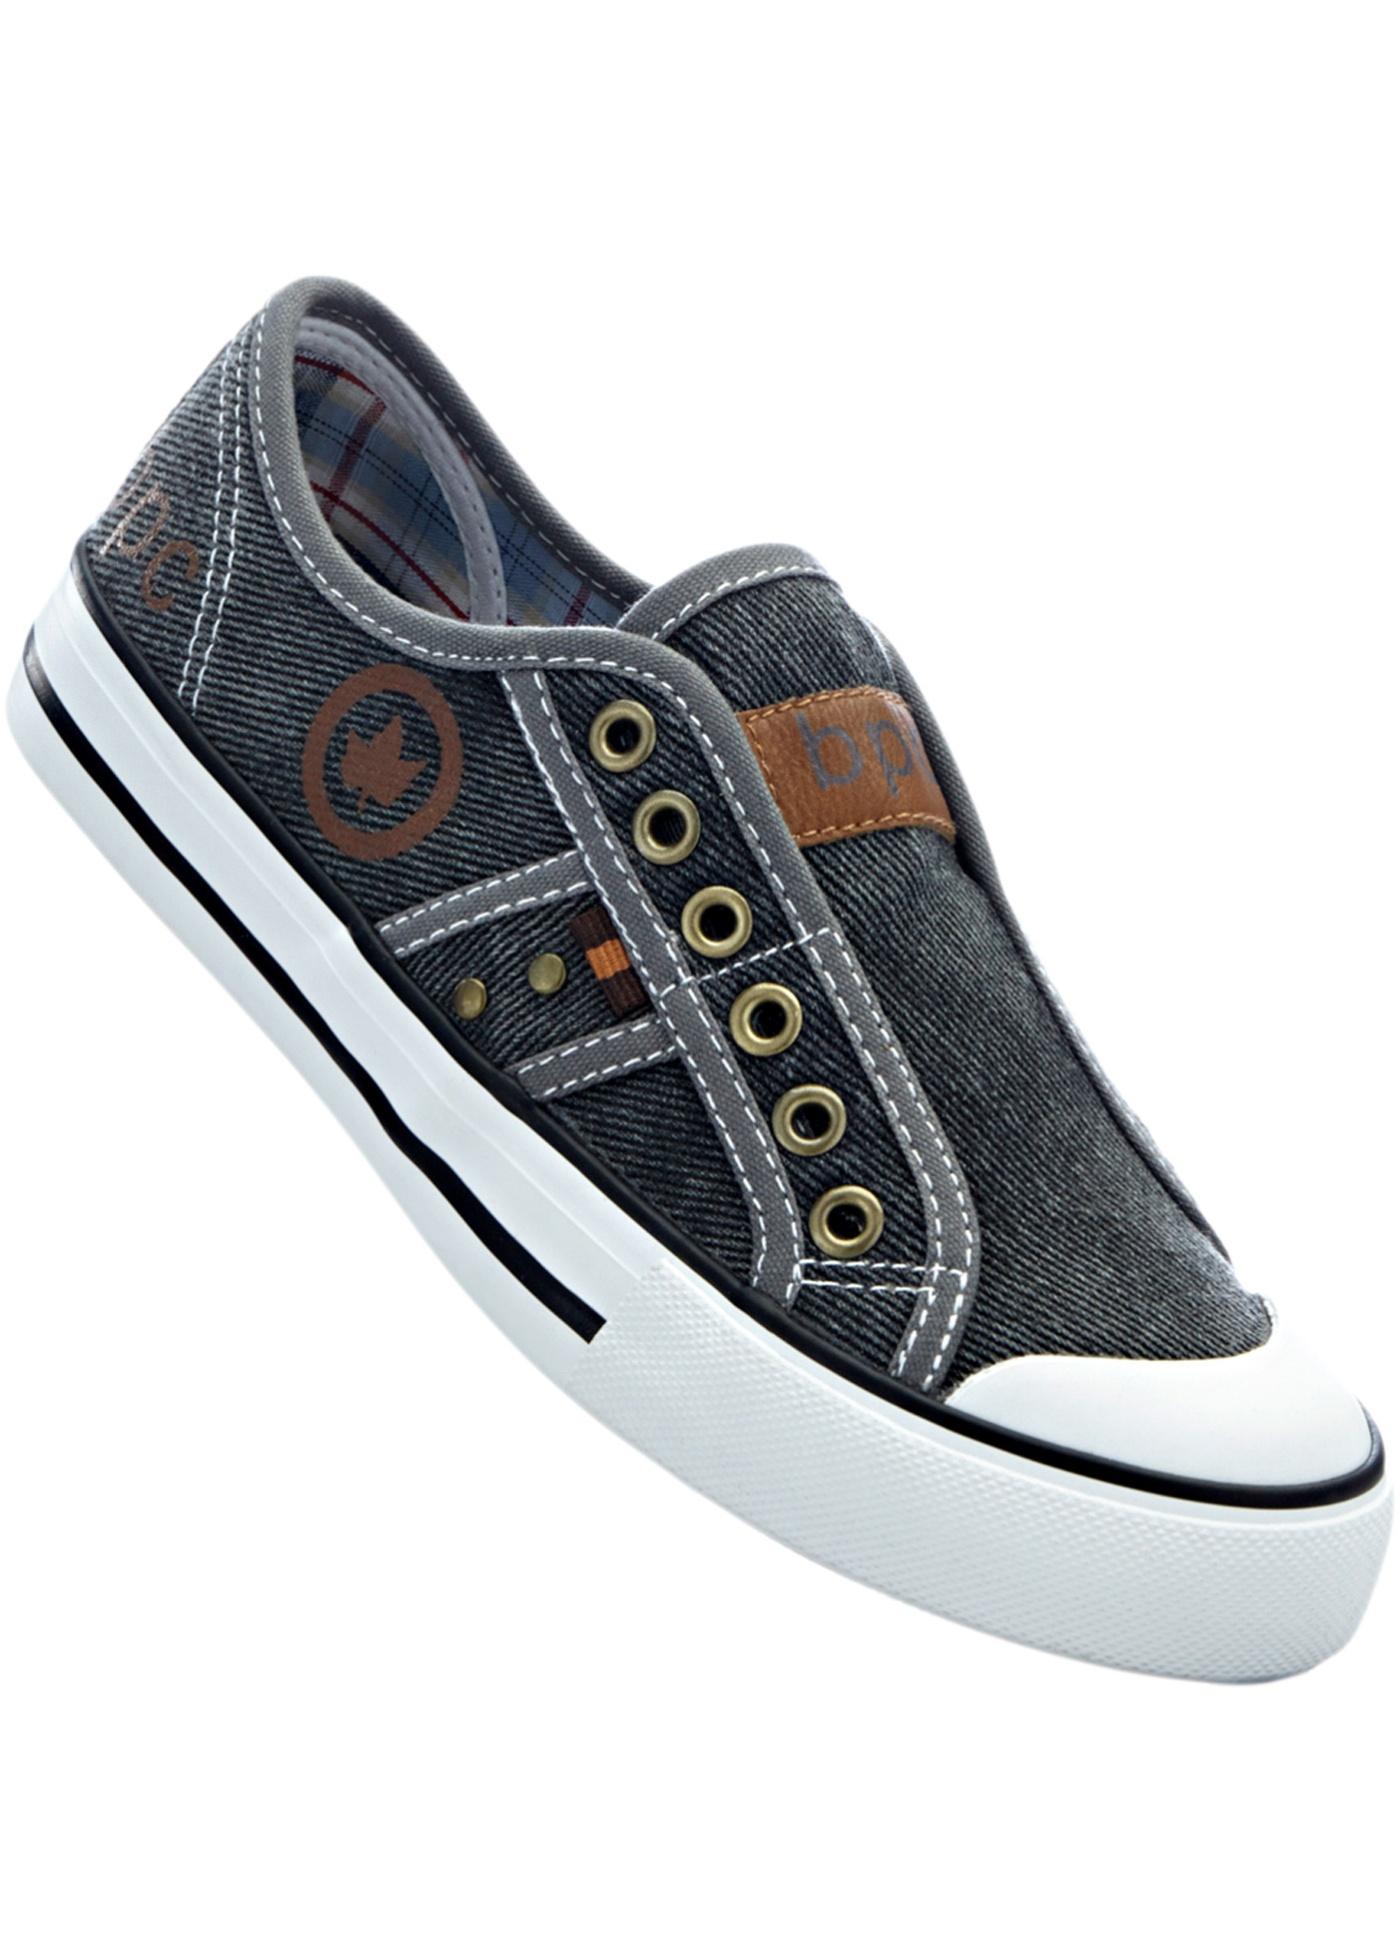 chaussures bonprix pas cher mes chaussures. Black Bedroom Furniture Sets. Home Design Ideas